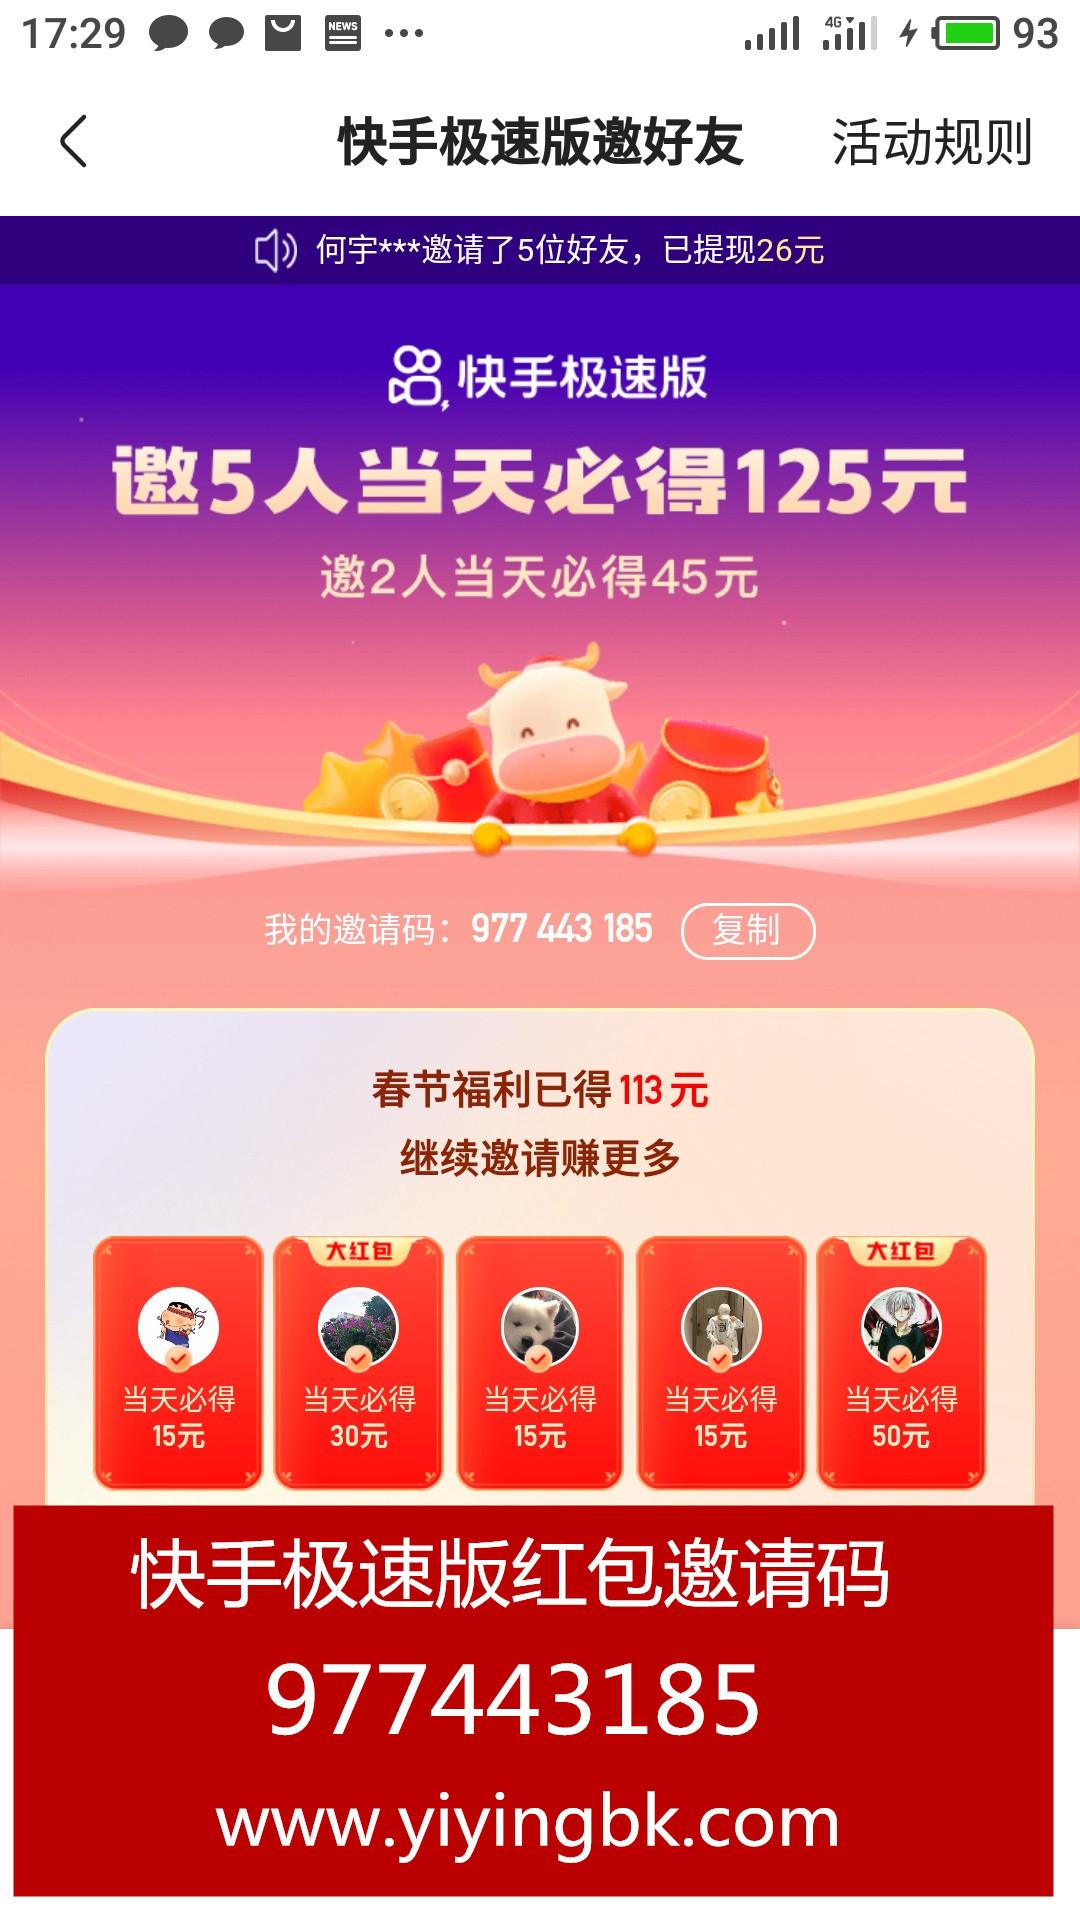 邀请好友免费赚125元红包,www.yiyingbk.com